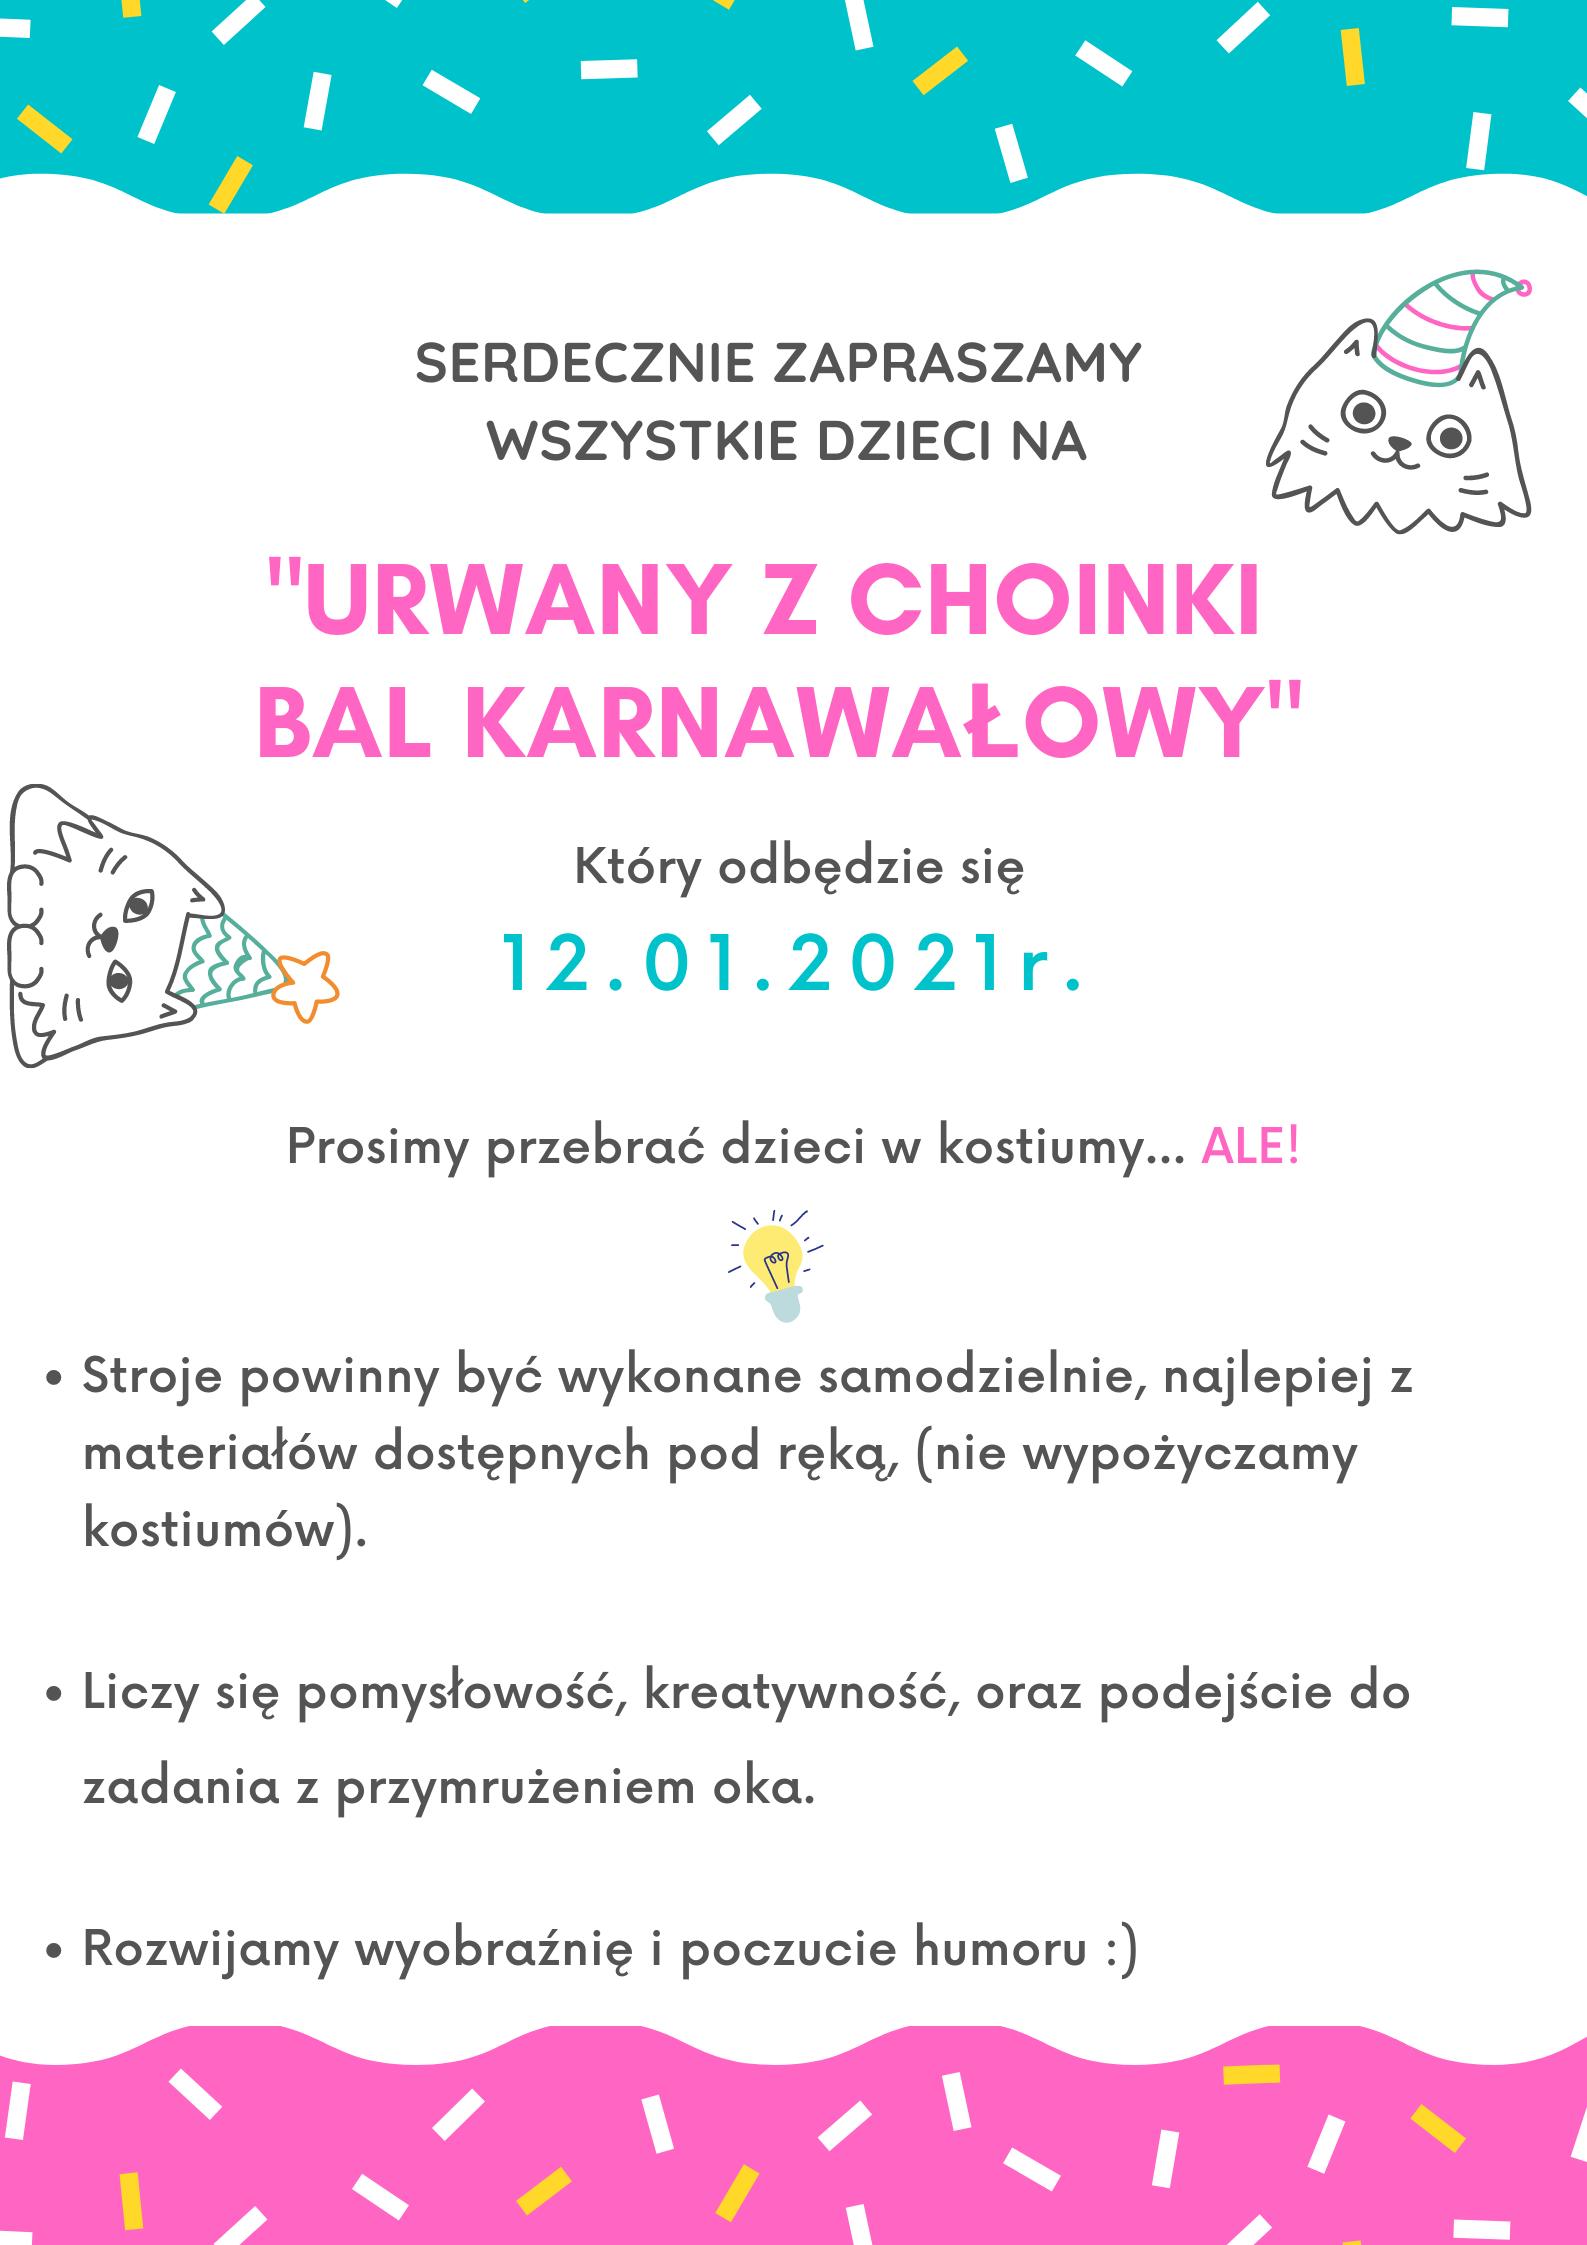 Plakat z zaproszeniem na bal karnawałowy